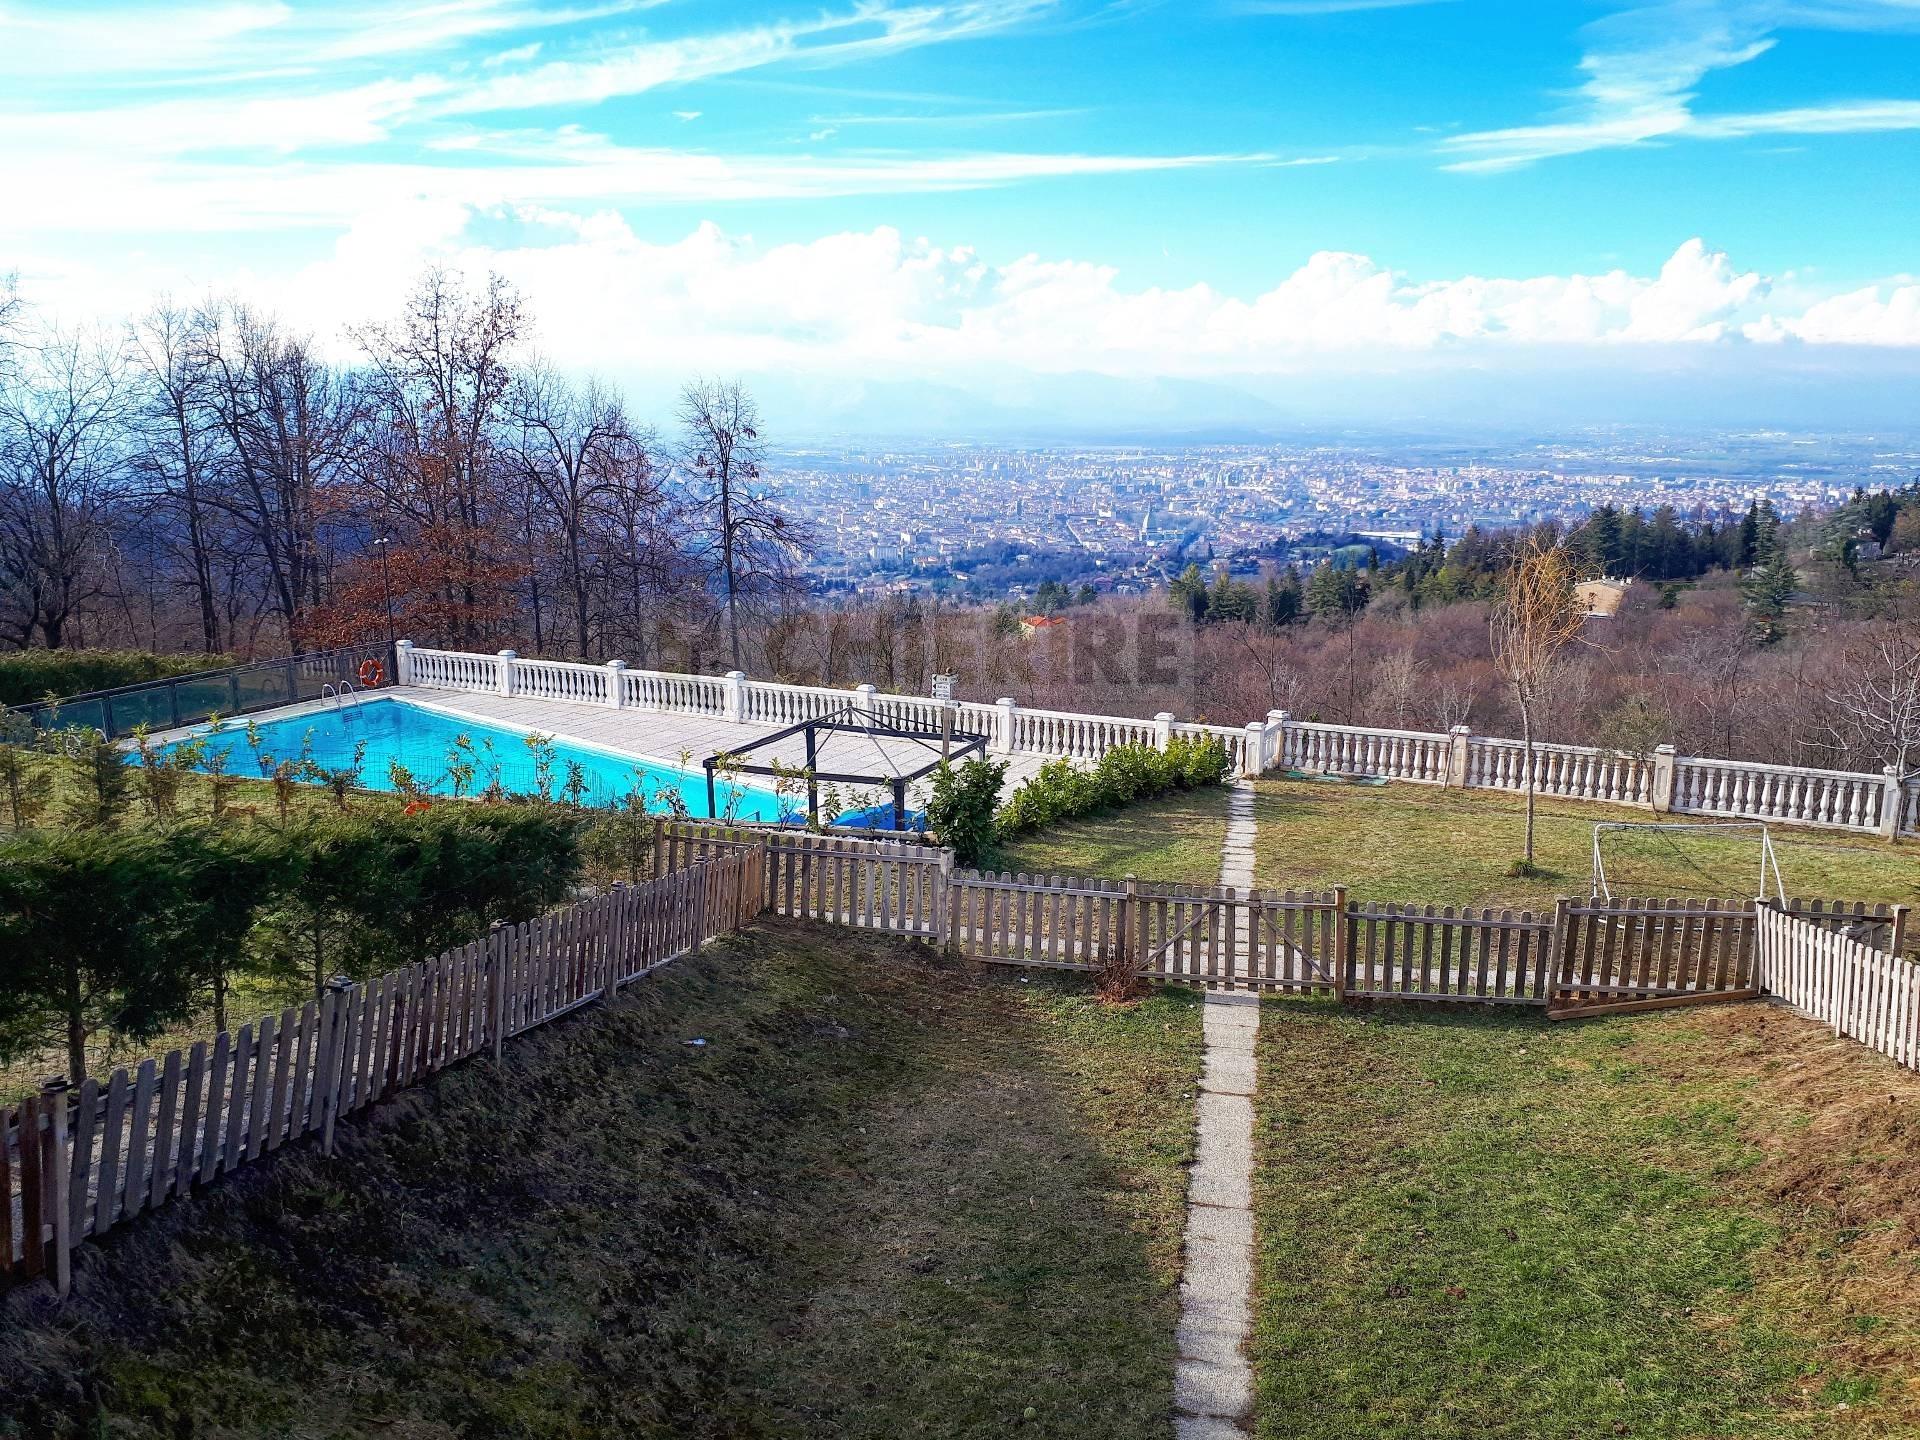 Appartamento in affitto a Pecetto Torinese, 4 locali, zona Zona: Eremo, prezzo € 1.400 | CambioCasa.it